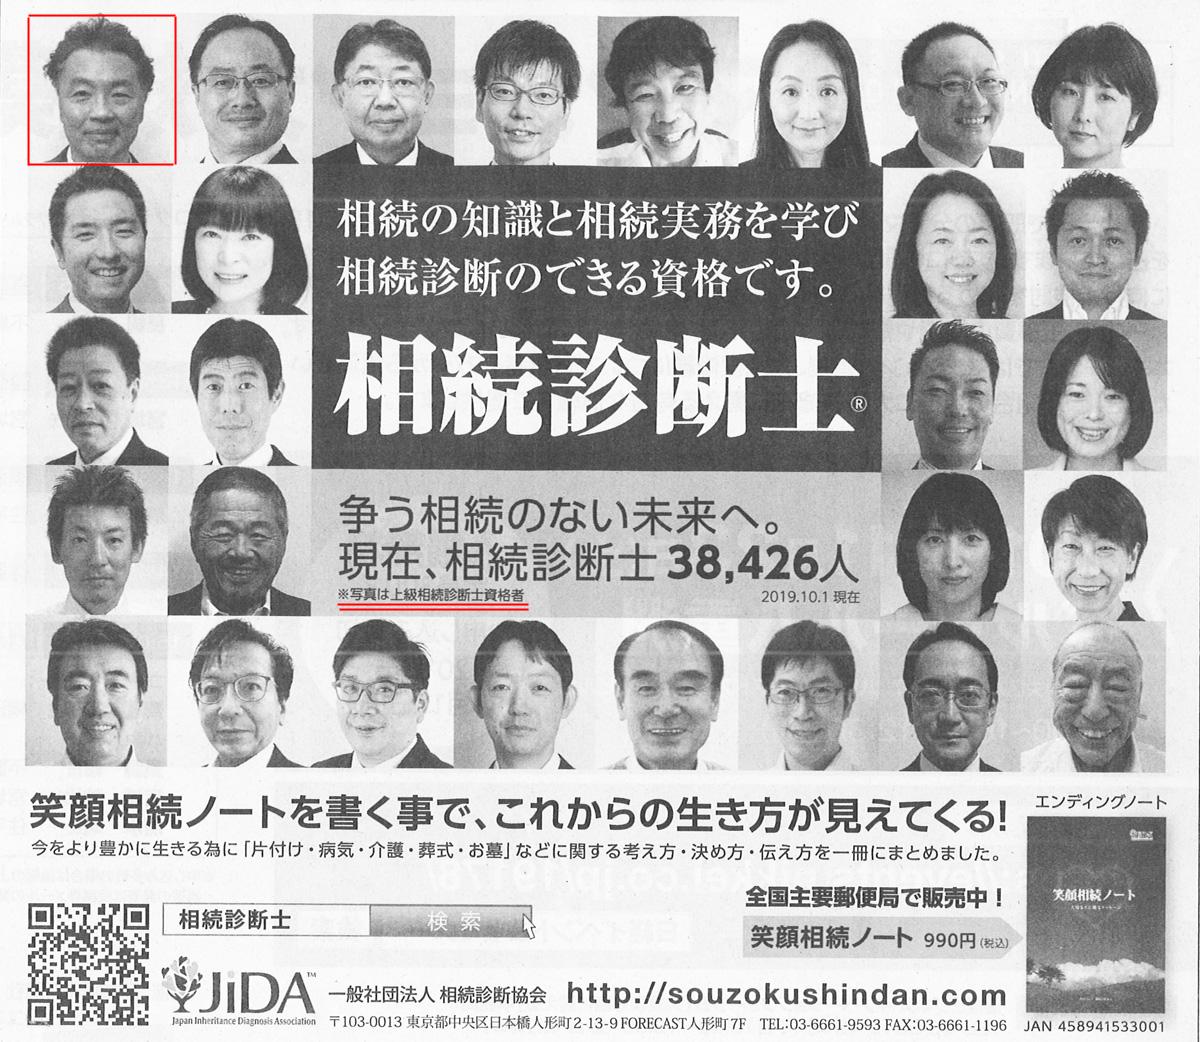 相続診断士 日経新聞